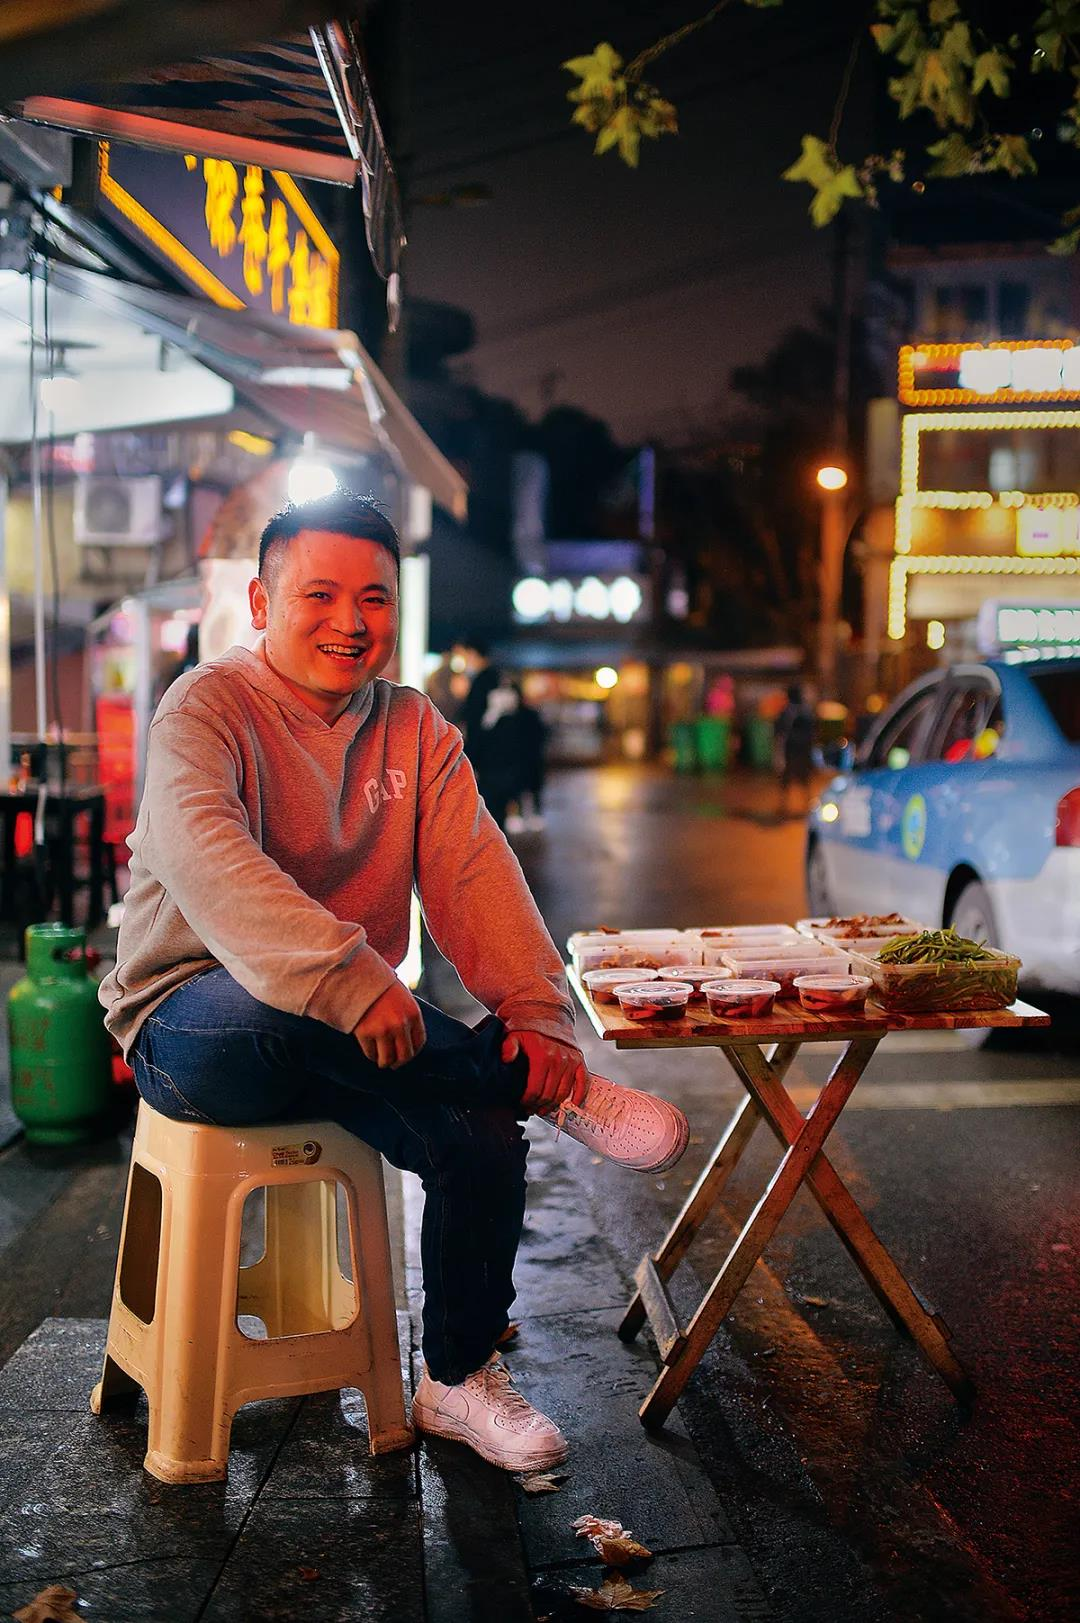 丹丹热卤的王东诚每到节假日都要接待大批外地食客直到深夜。